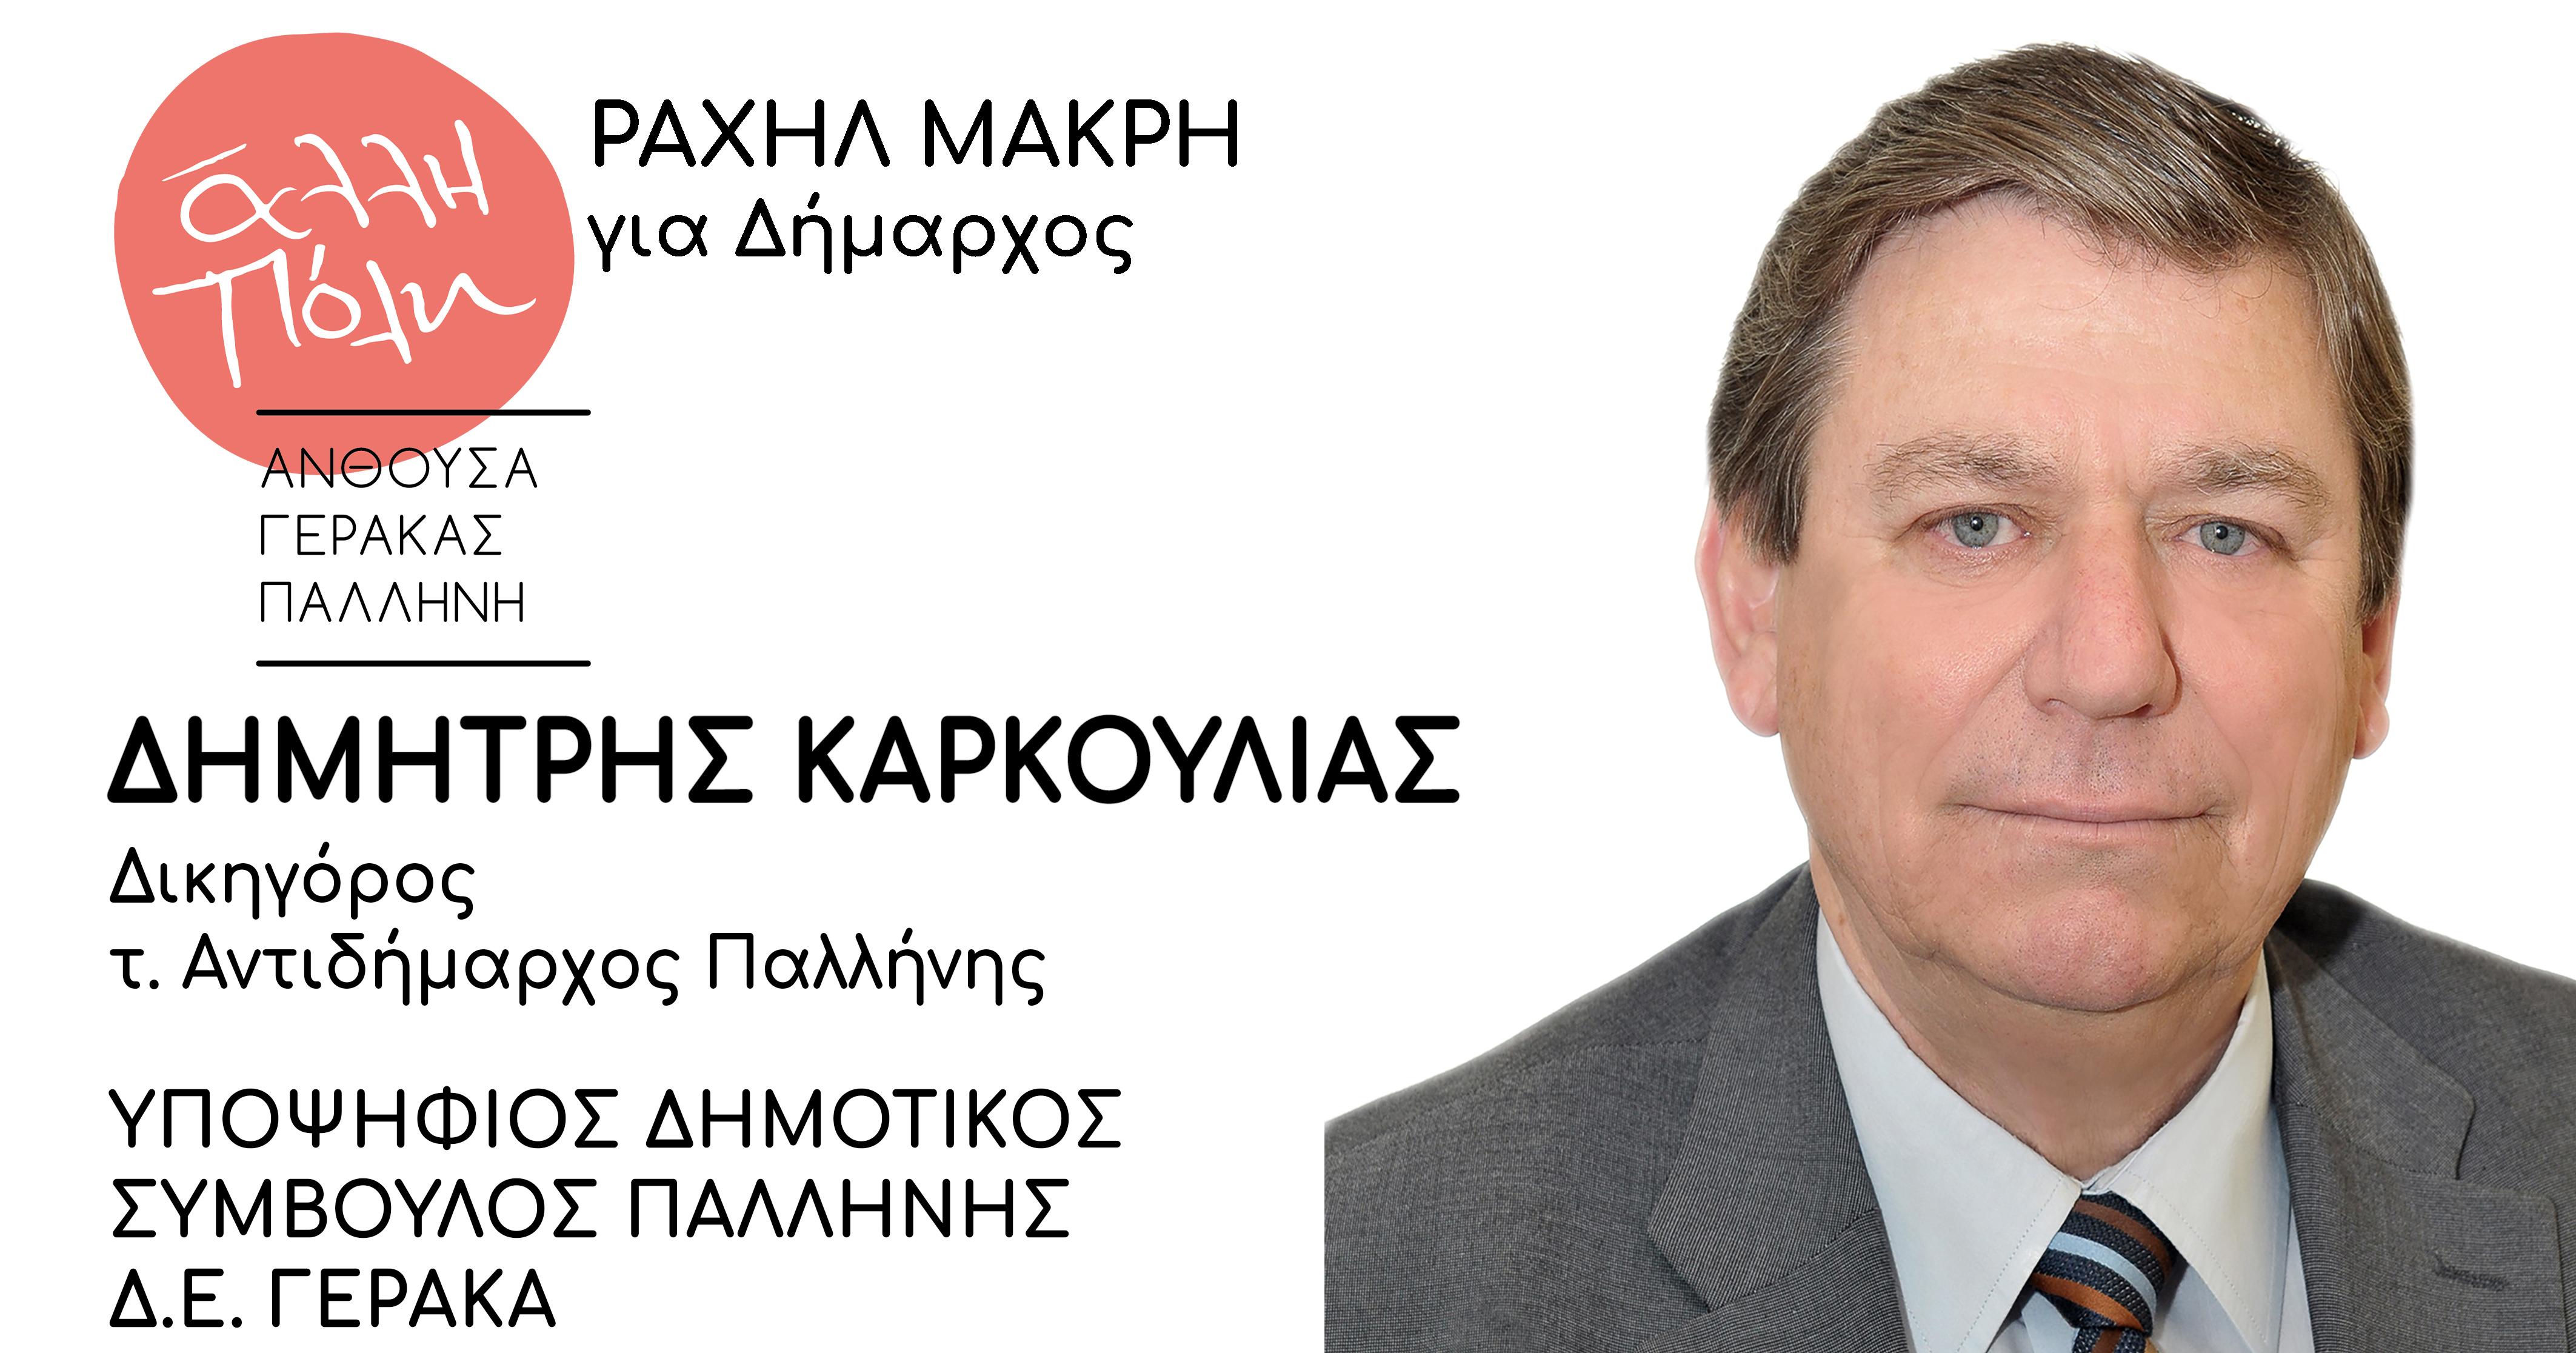 Υποψήφιος Δημοτικός Σύμβουλος – Δημήτρης Καρκούλιας